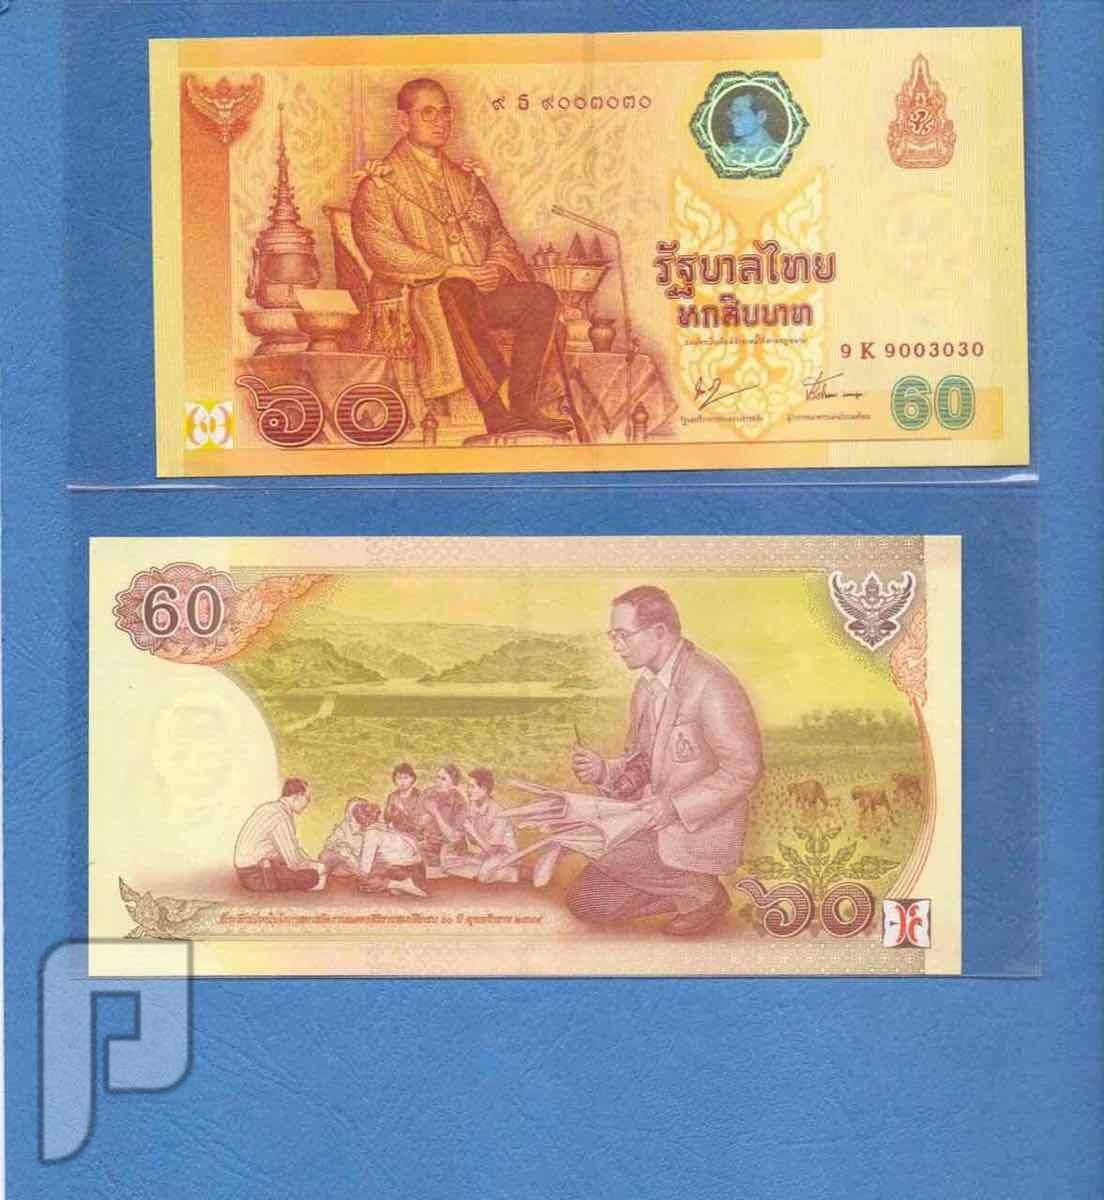 عملات تايلندا التذكاريه في مغلفات فخمه